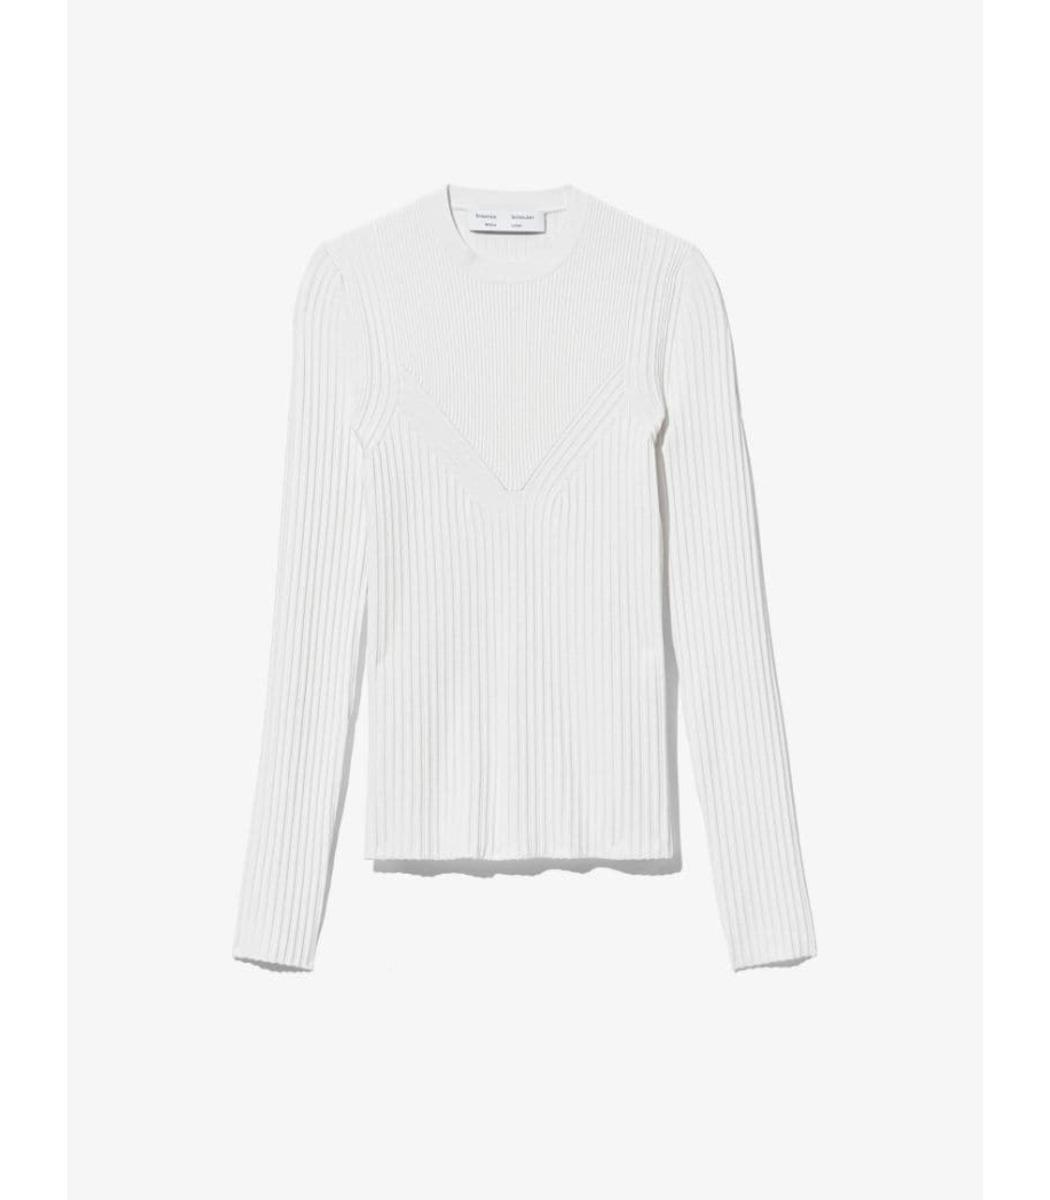 Proenza Schouler White Label Rib Detail Knit Top